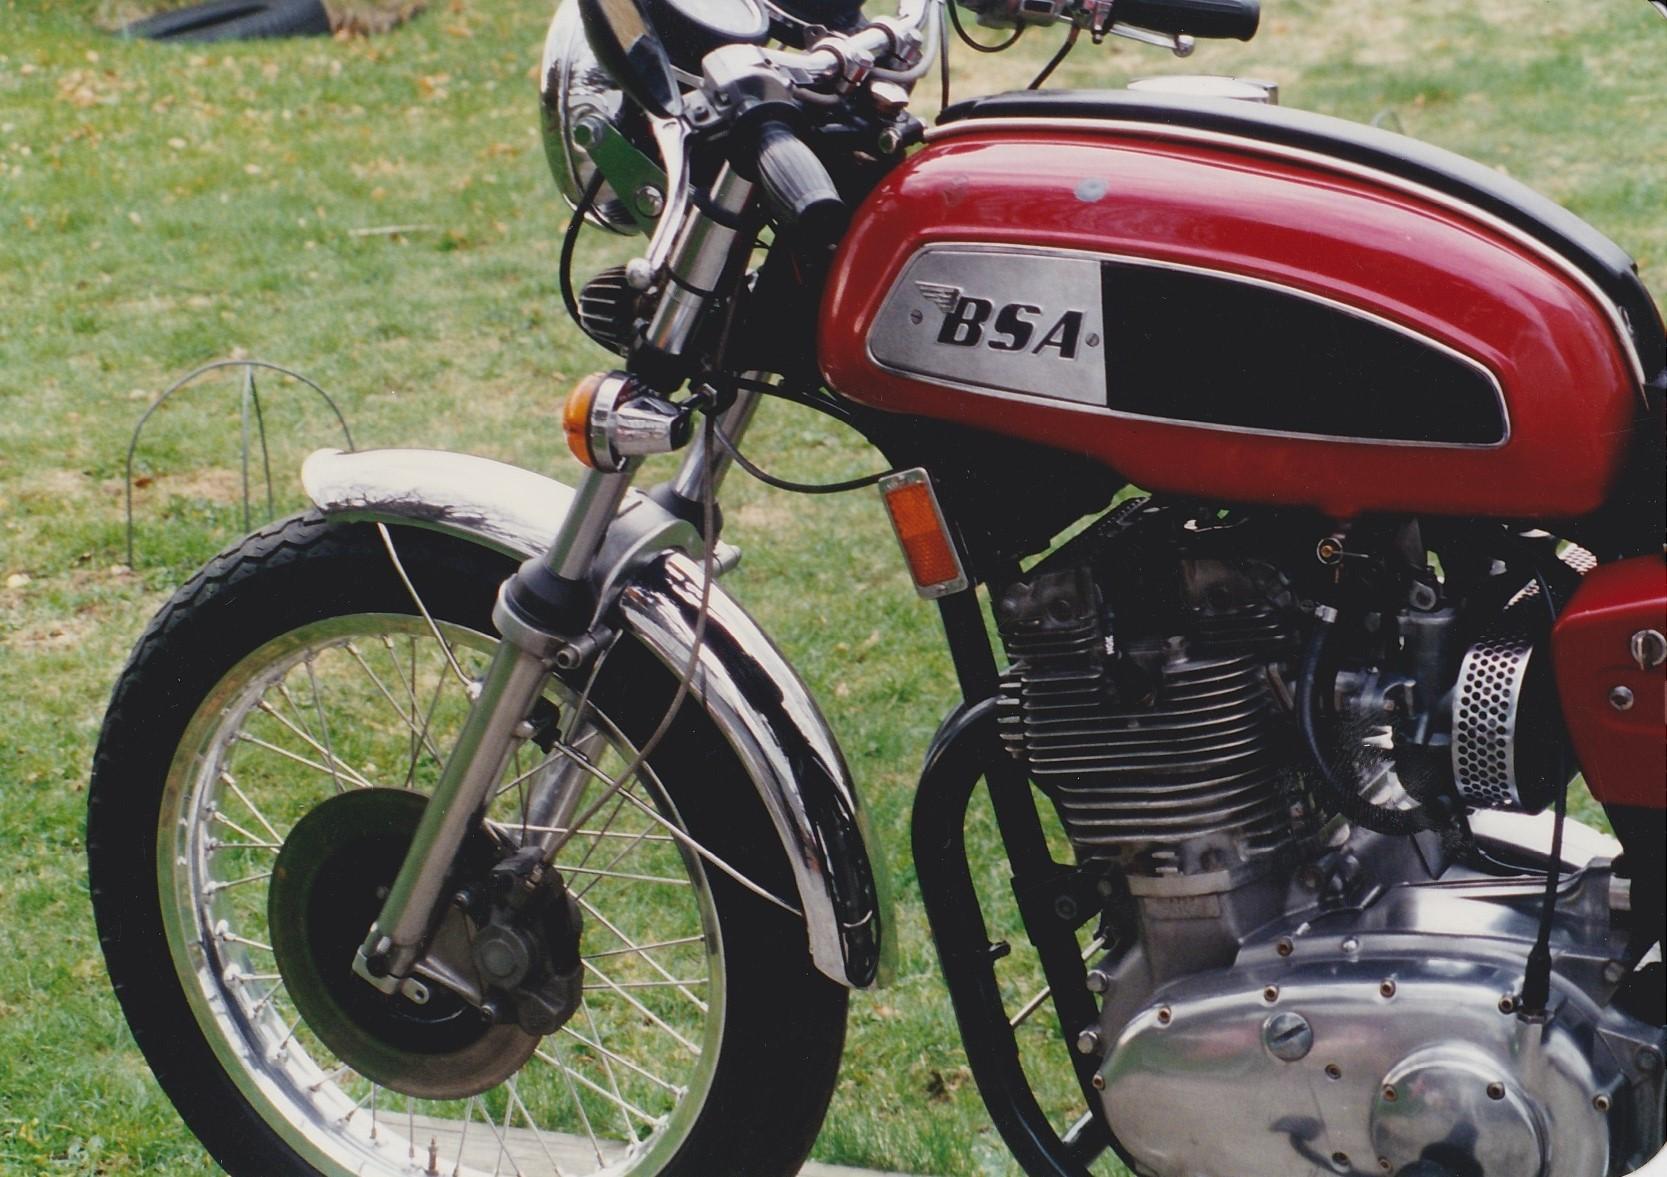 BSA A75 Rocket 3 1971 1000cc